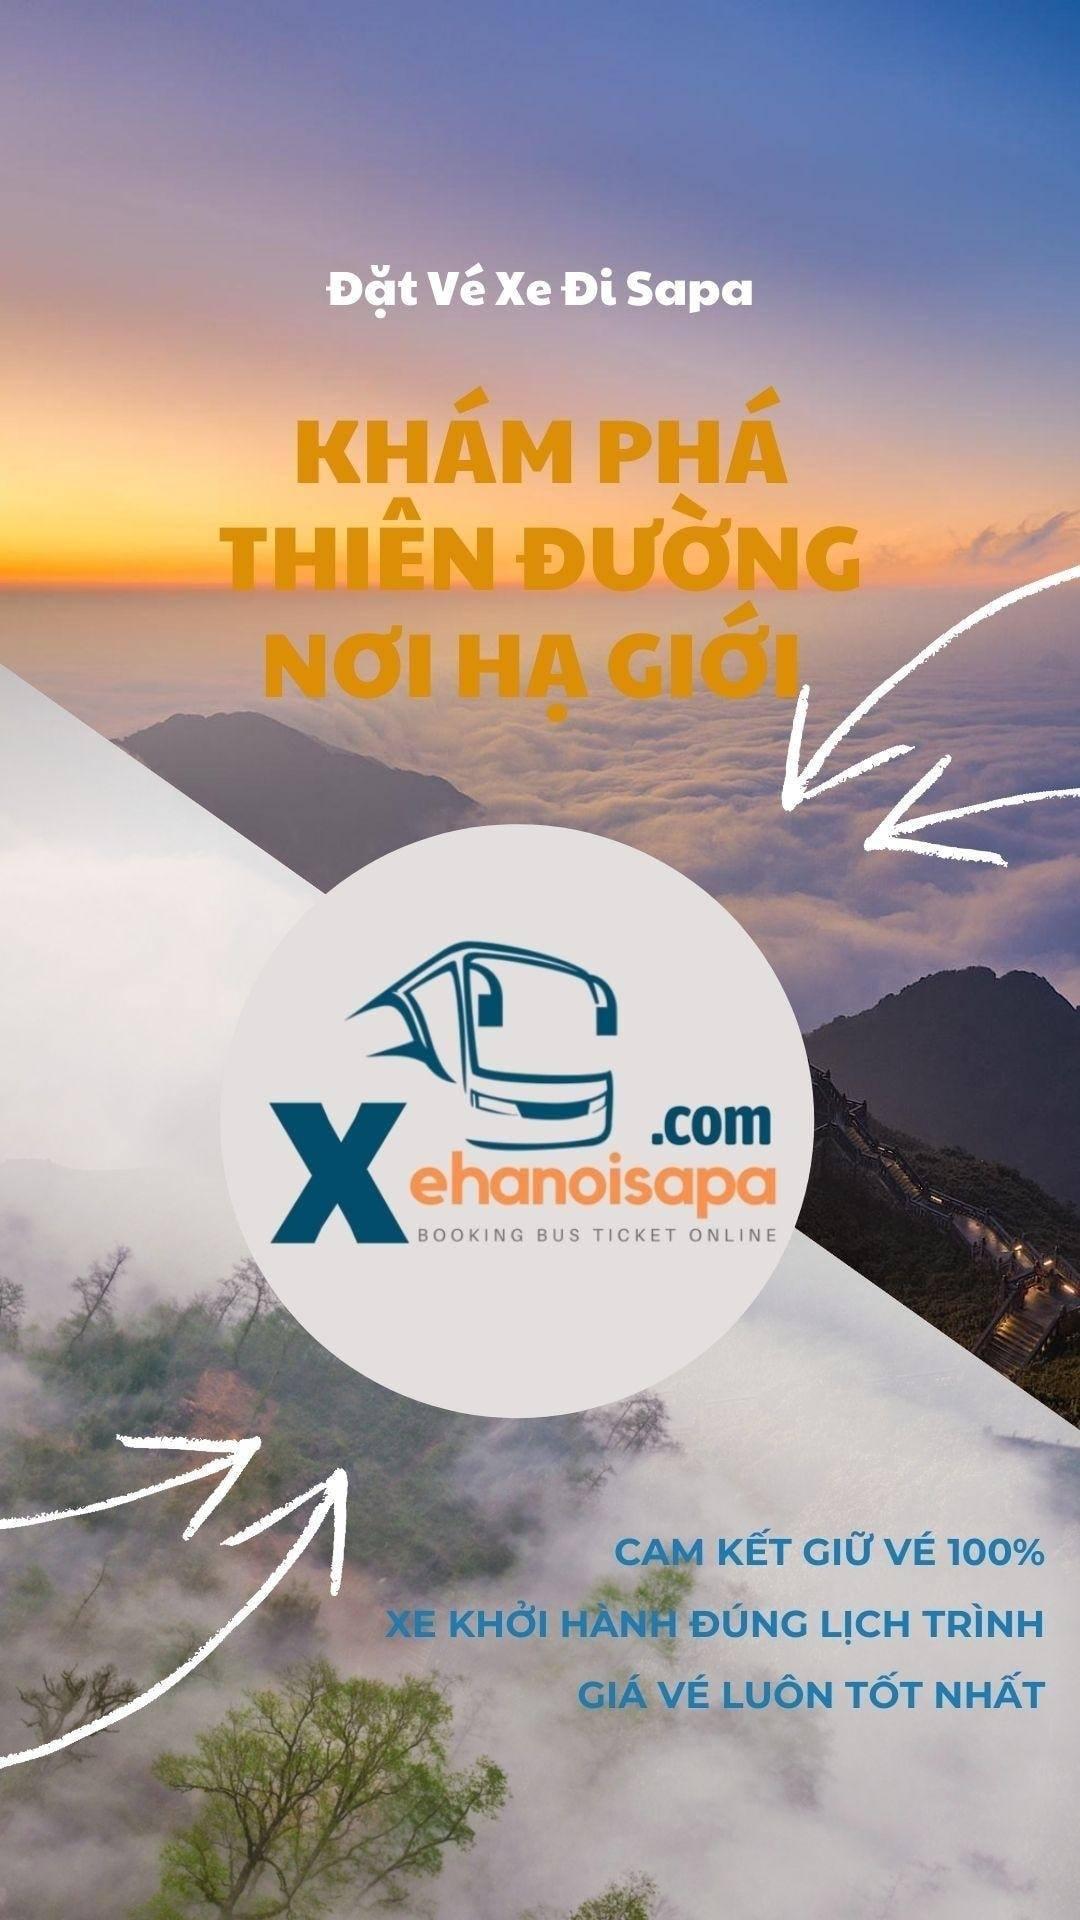 Xehanoisapa.com luôn đồng hành cùng quý hành khách